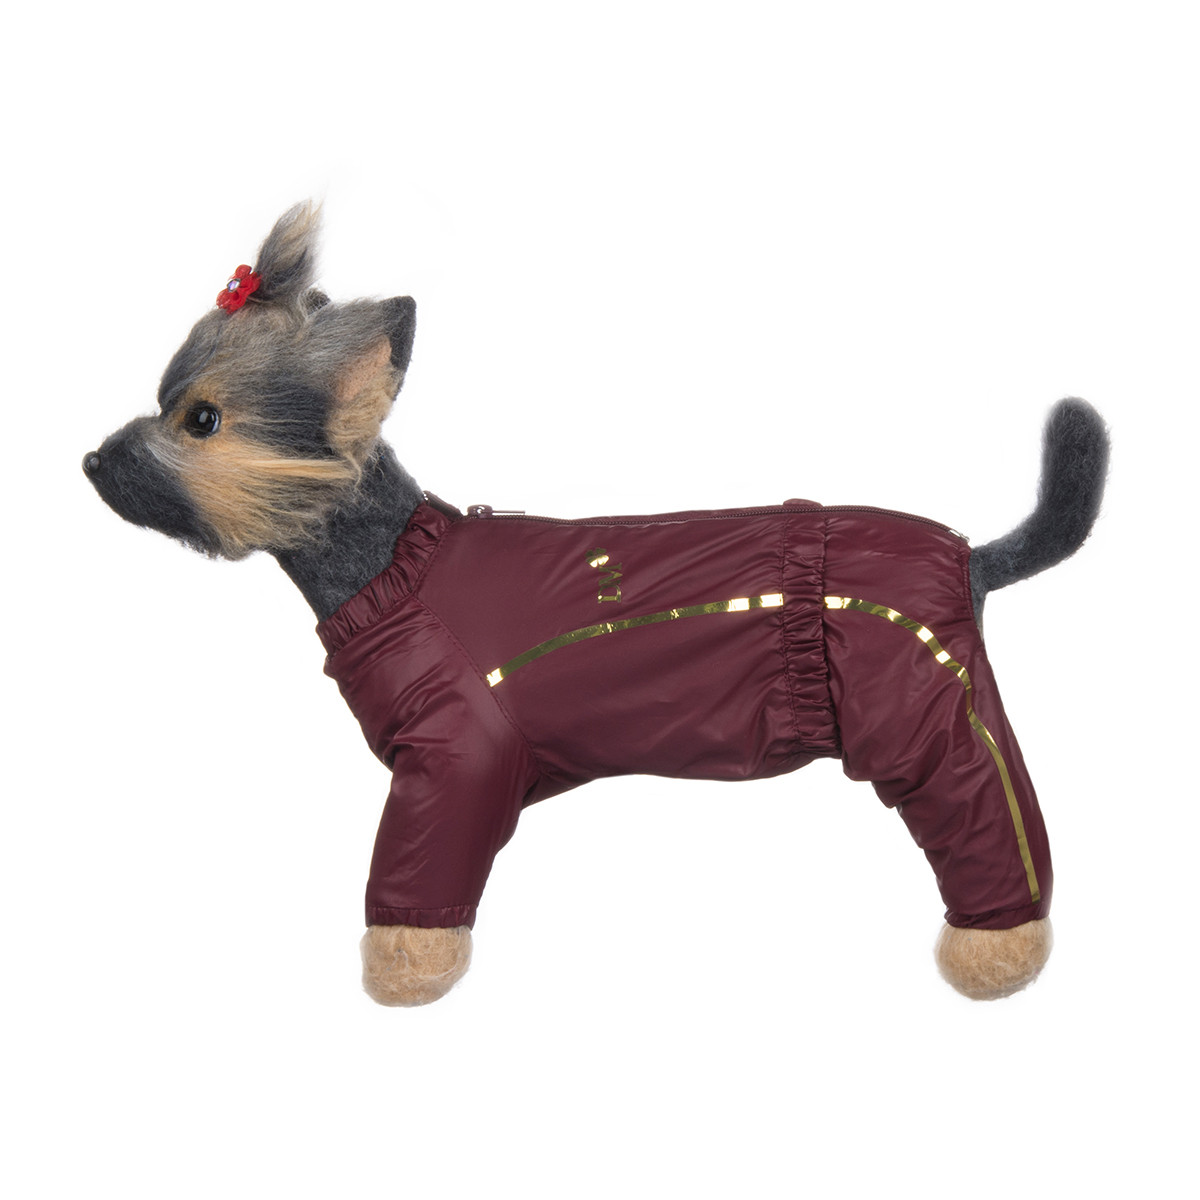 Комбинезон для собак Dogmoda Альпы, для девочки, цвет: бордовый. Размер 3 (L)0120710Комбинезон для собак Dogmoda Альпы отлично подойдет для прогулок поздней осенью или ранней весной.Комбинезон изготовлен из полиэстера, защищающего от ветра и осадков, с подкладкой из флиса, которая сохранит тепло и обеспечит отличный воздухообмен. Комбинезон застегивается на молнию и липучку, благодаря чему его легко надевать и снимать. Ворот, низ рукавов и брючин оснащены внутренними резинками, которые мягко обхватывают шею и лапки, не позволяя просачиваться холодному воздуху. На пояснице имеется внутренняя резинка. Изделие декорировано золотистыми полосками и надписью DM.Благодаря такому комбинезону простуда не грозит вашему питомцу и он не даст любимцу продрогнуть на прогулке.